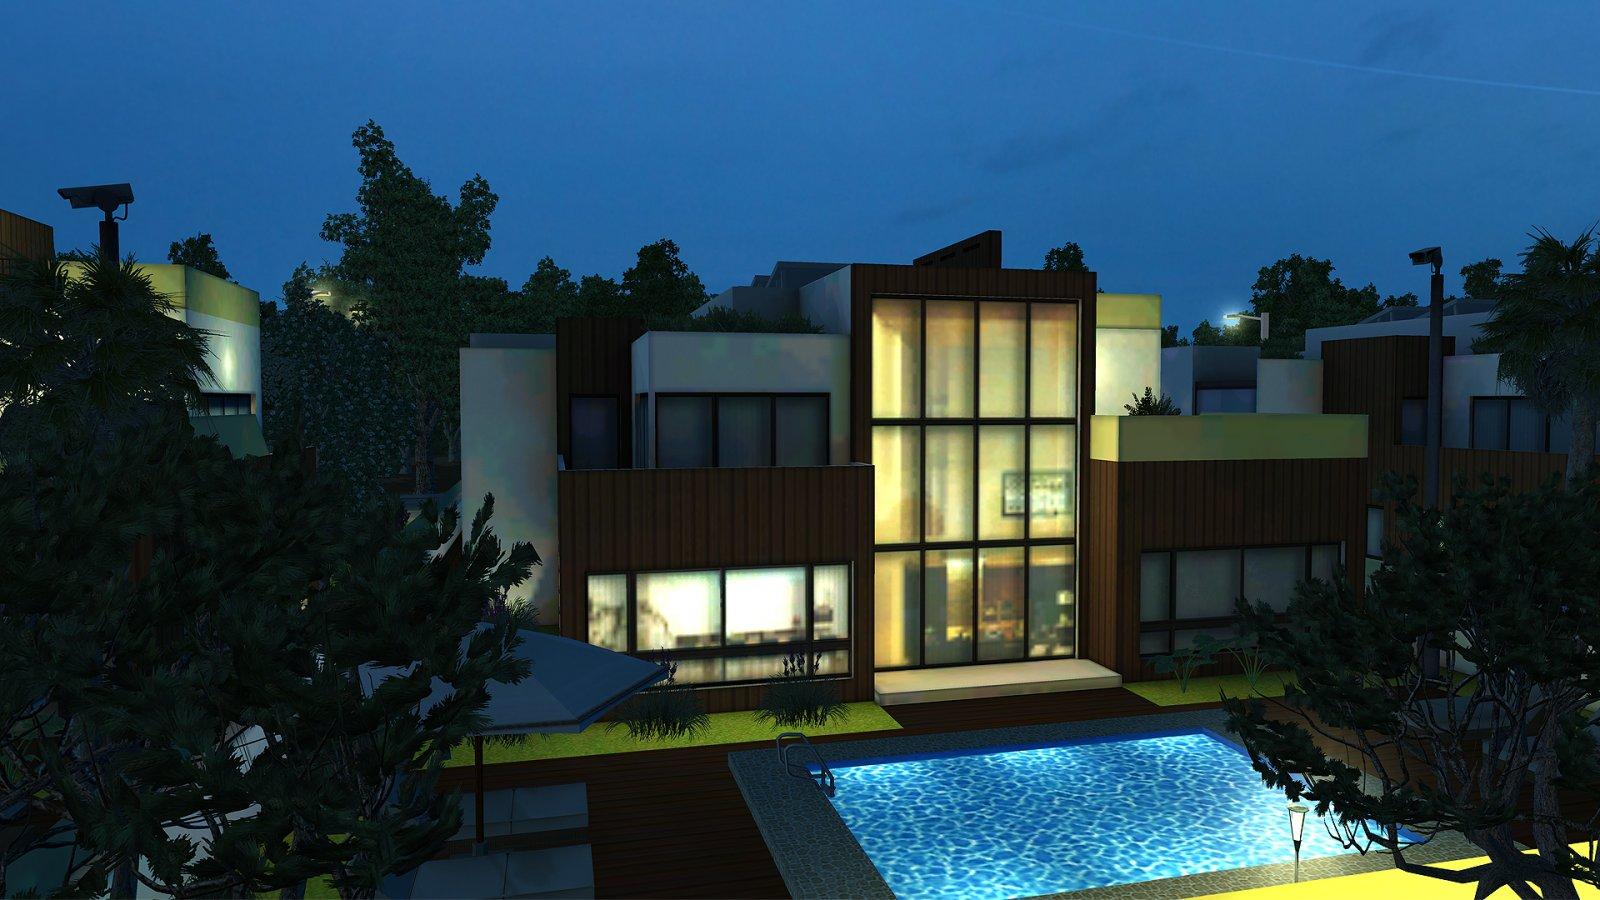 house4_4.jpg